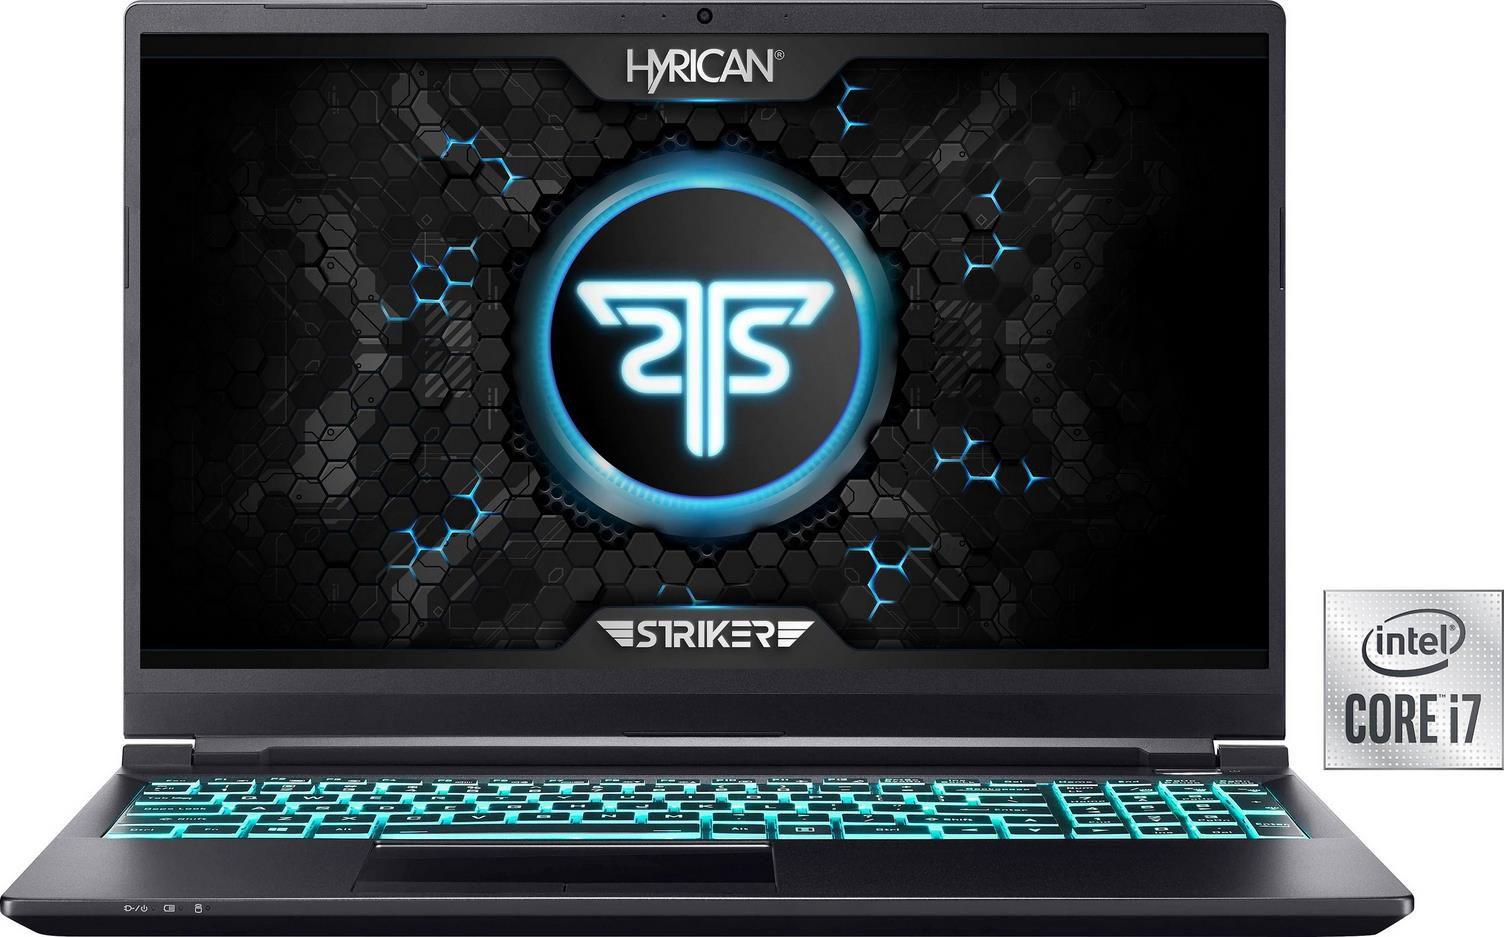 Hyrican Striker 1636 Gaming Notebook   15,6 Zoll, Intel Core i7, GeForce RTX 3070, 1TB SSD, 240 Hz für 1.601.95€ (statt 1.799€)